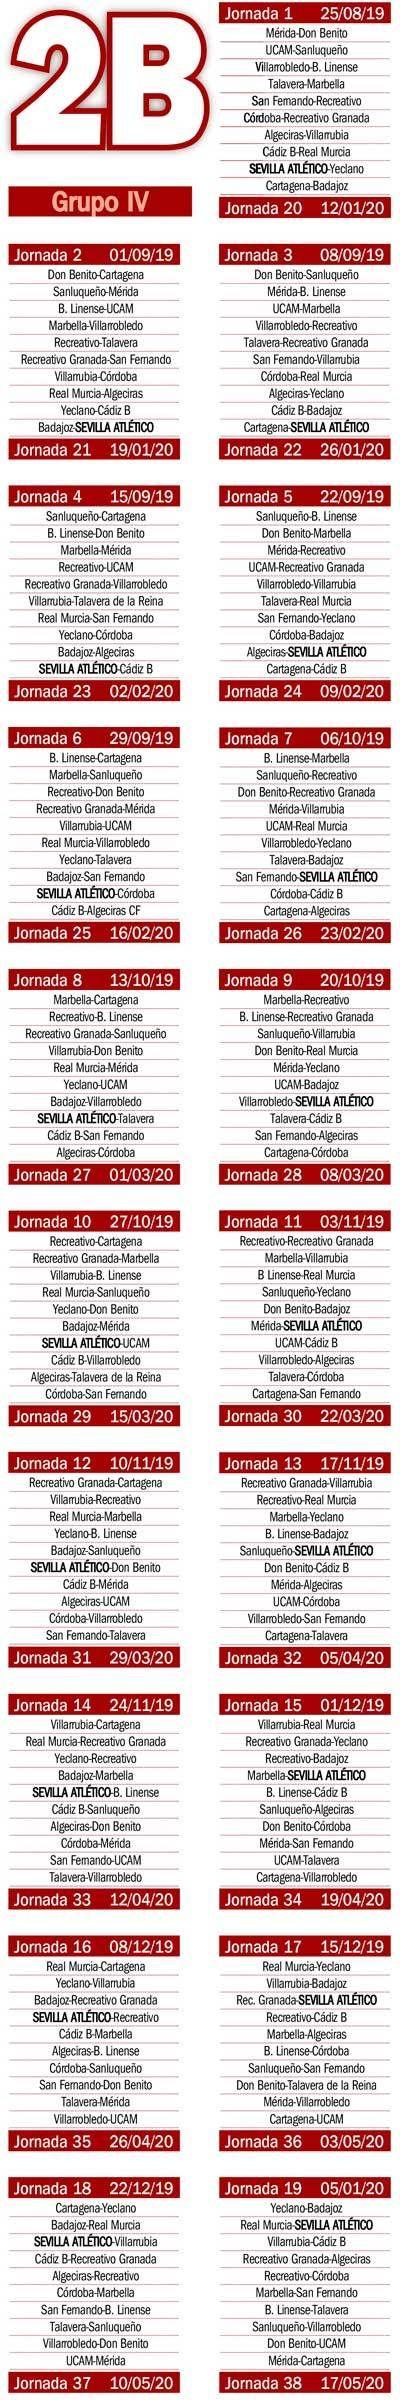 Calendario Segunda B.El Calendario Del Grupo Iv De Segunda B Estadio Deportivo